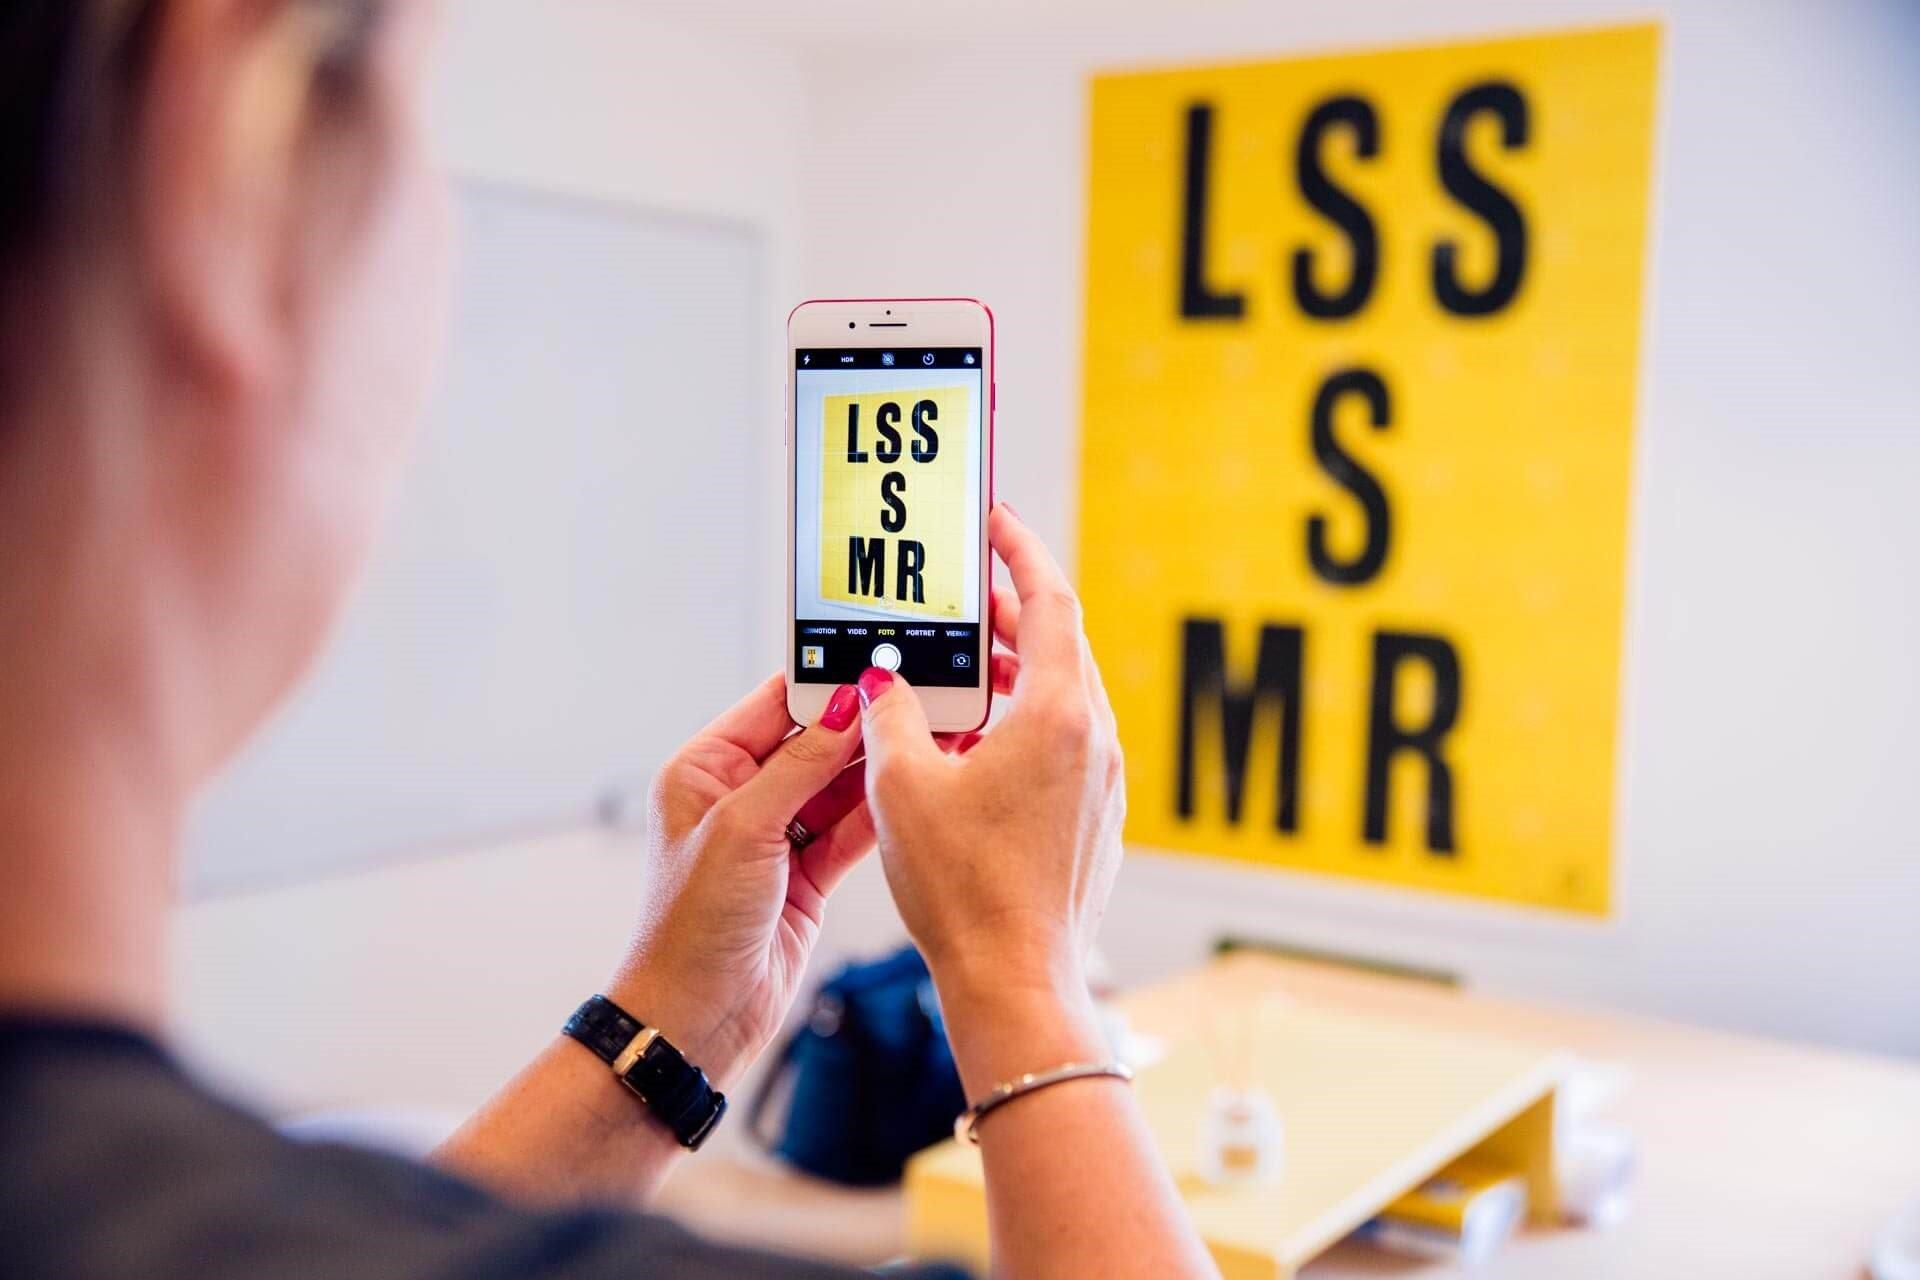 Goede fotos met een mobiele telefoon, helpen ook op je linkedIn profiel